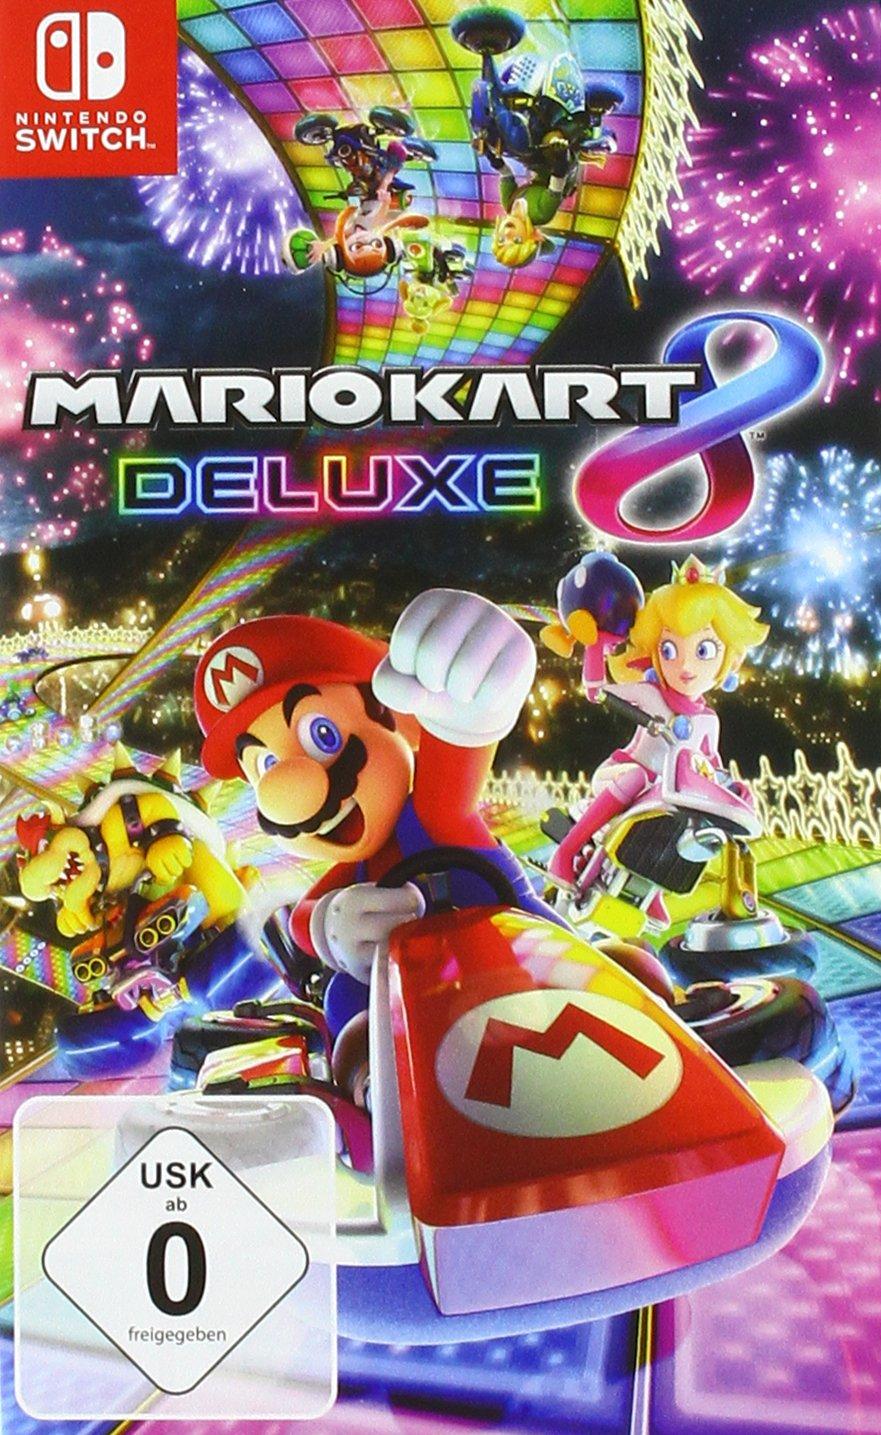 Mario Kart 8 Deluxe (duitse hoes) voor €40,46 @ Amazon DE